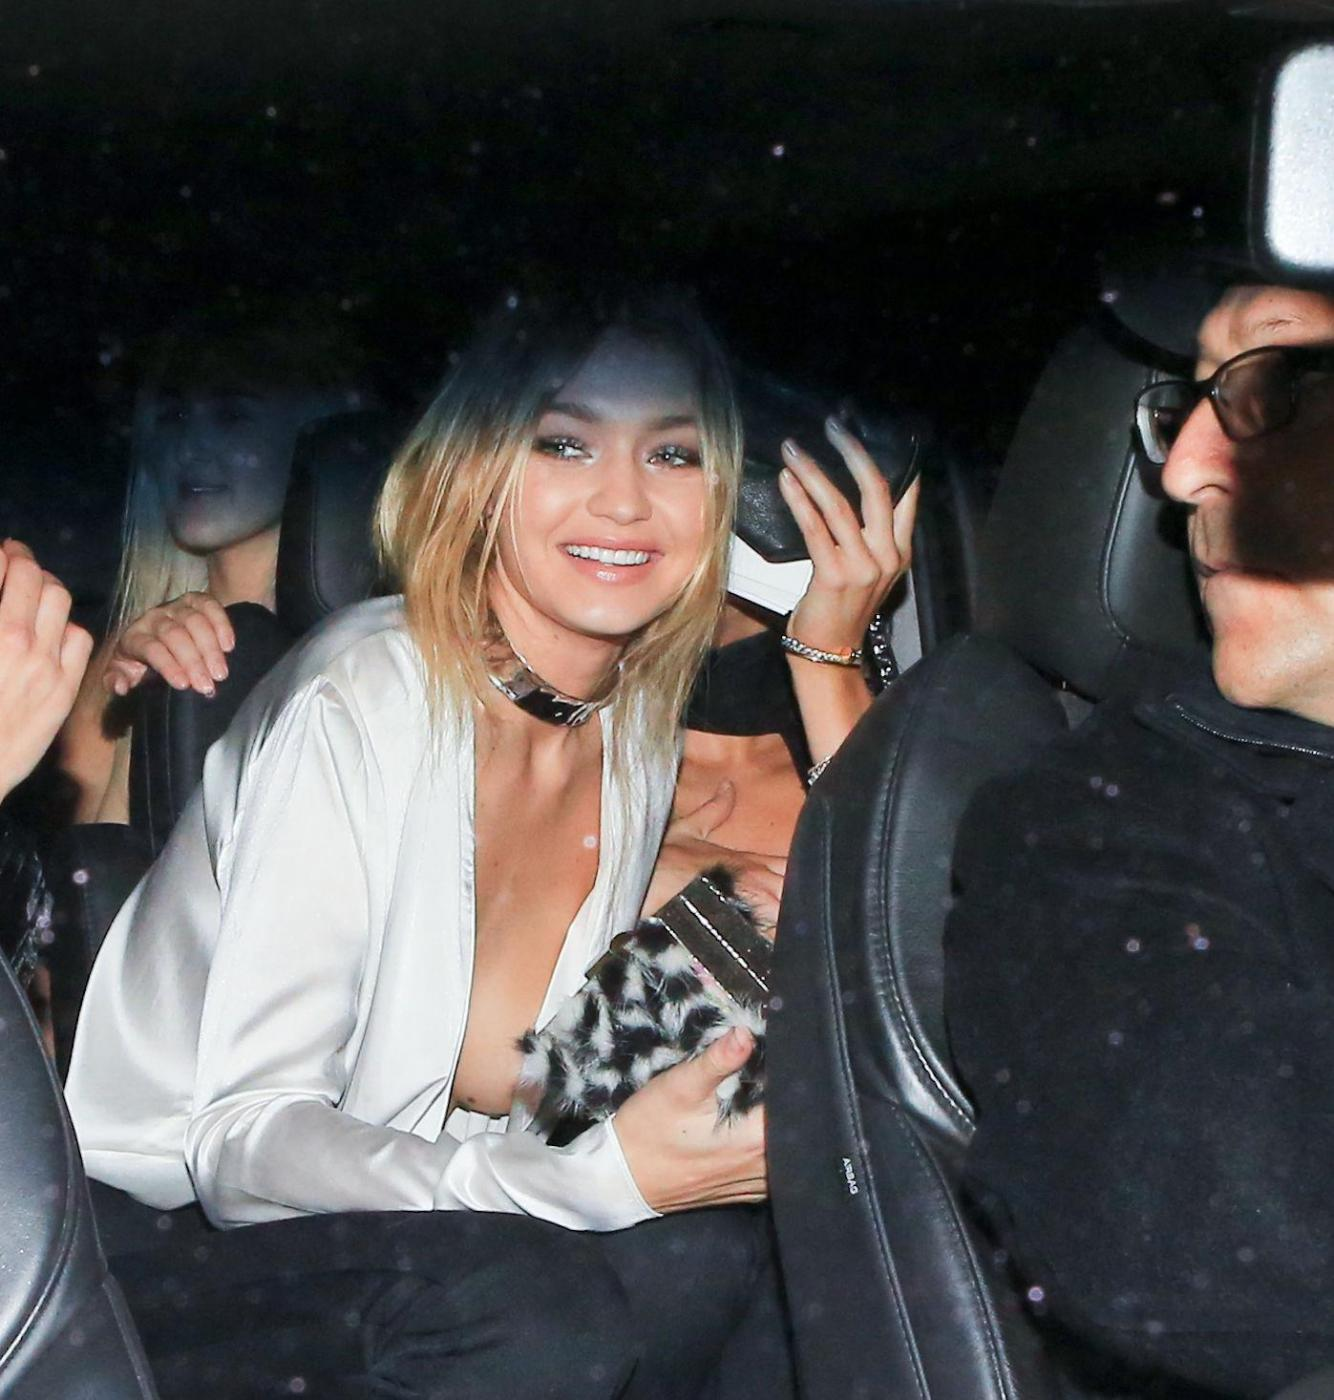 Gigi Hadid senza reggiseno al compleanno di Kendall Jenner FOTO 7